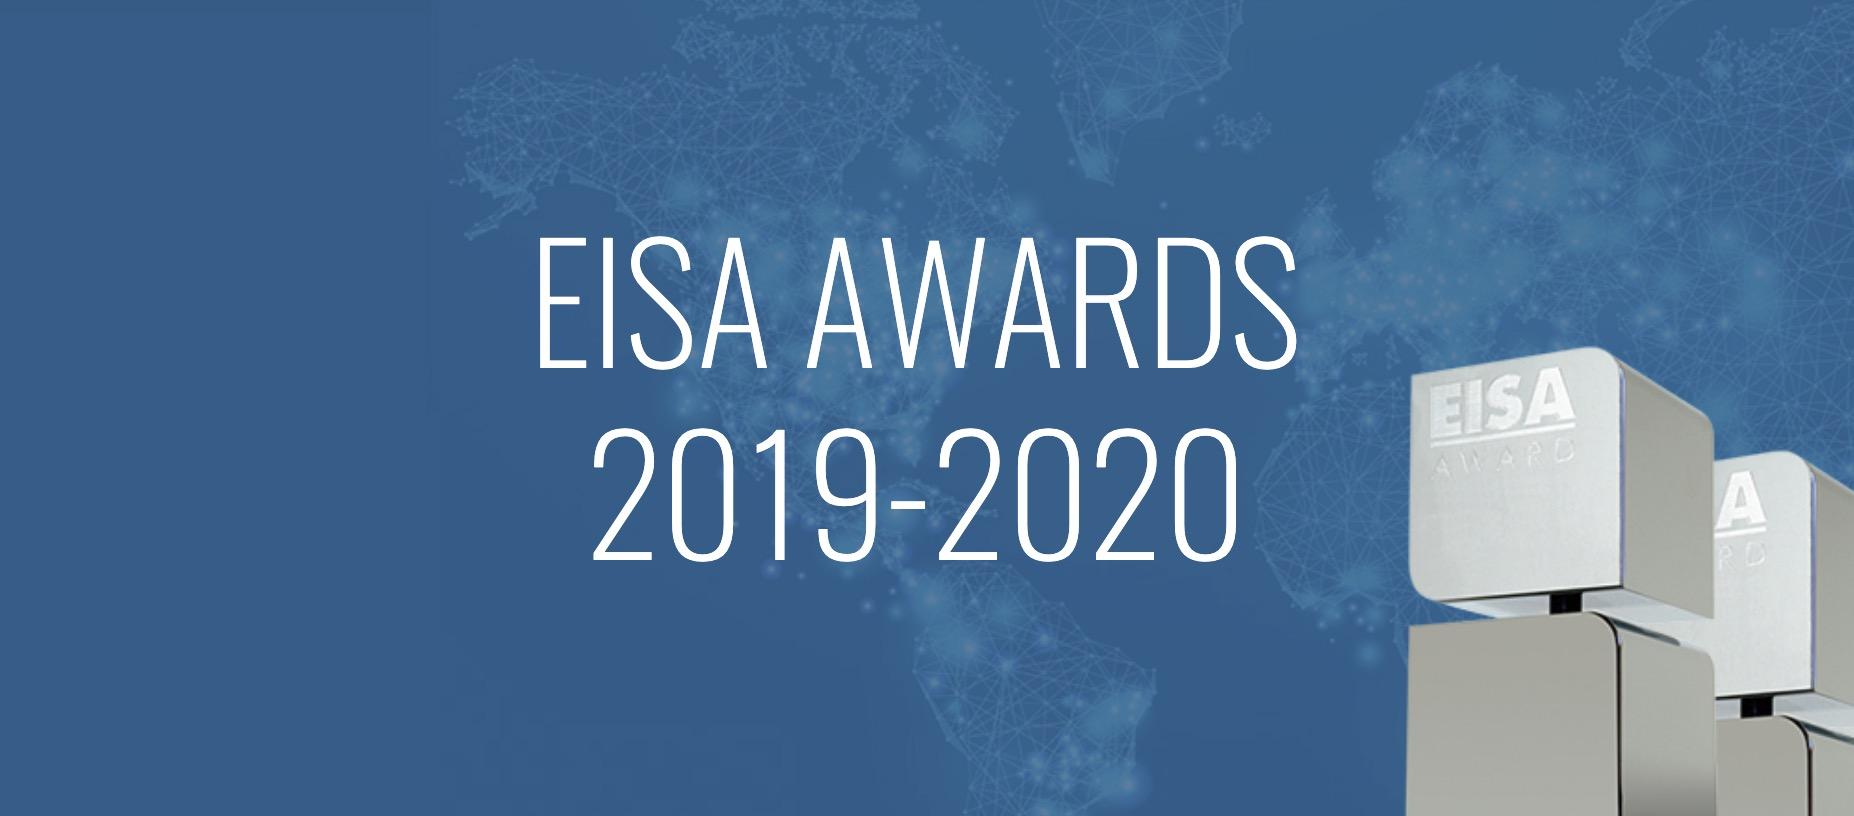 EISA Awards : les meilleurs produits photo 2019-2020 annoncés